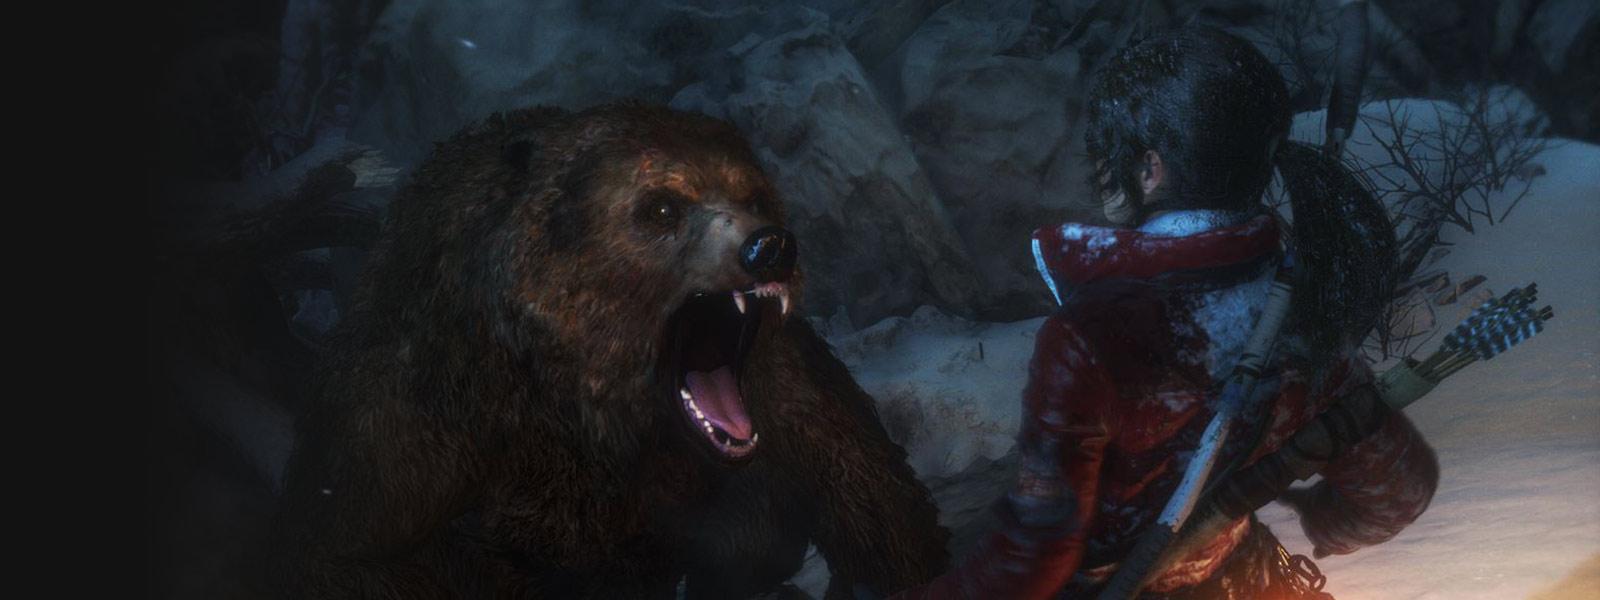 Lara affrontant un énorme grizzly